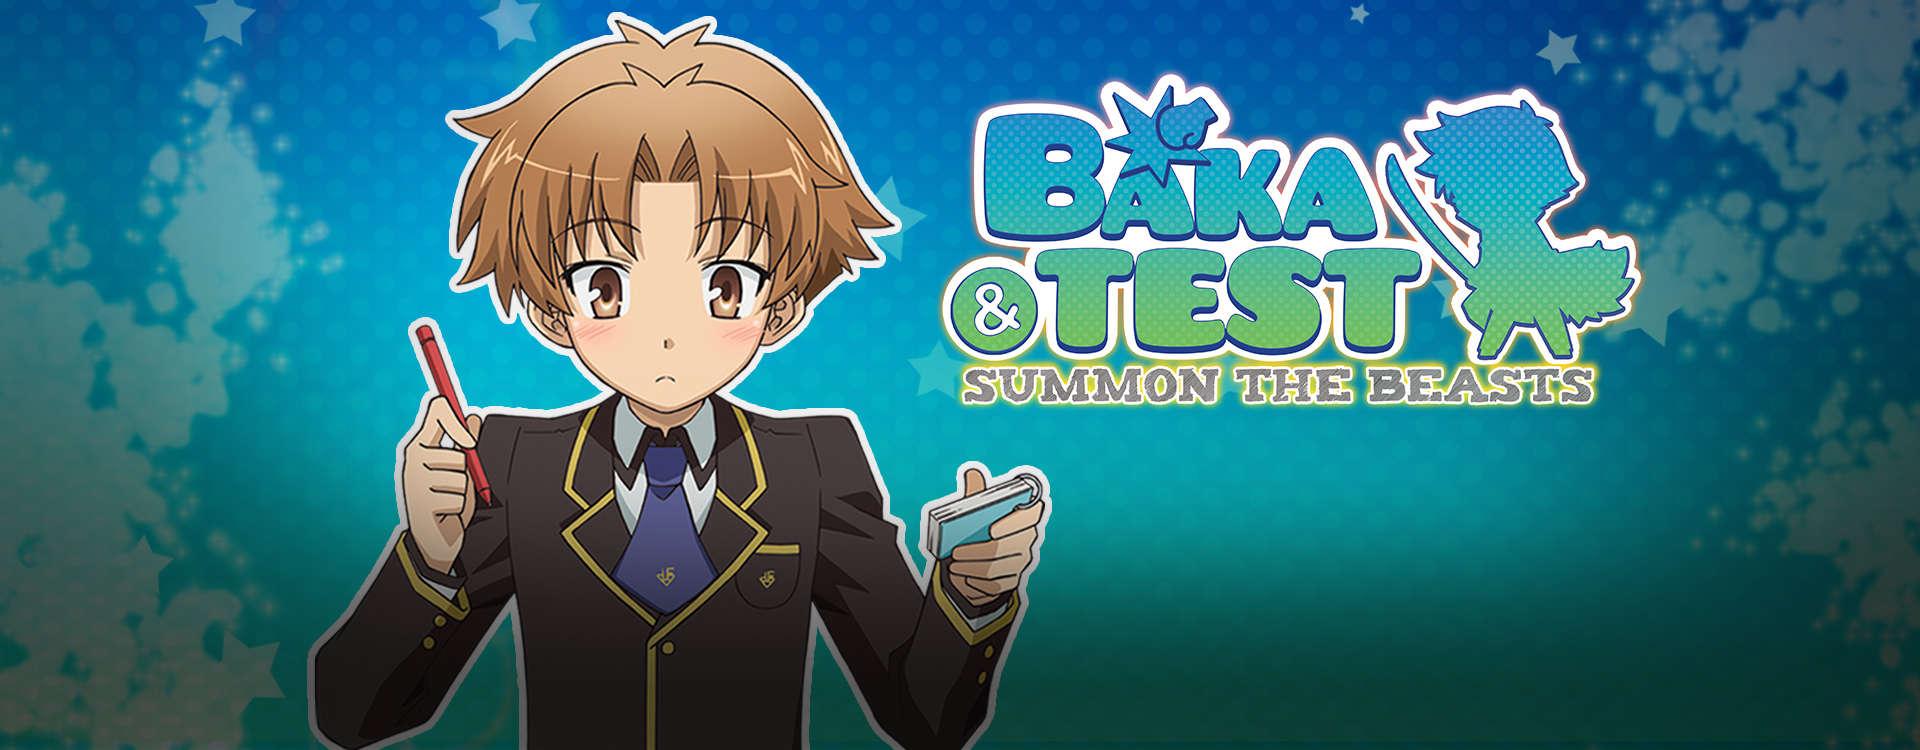 Baka & Test - Summon the Beasts -